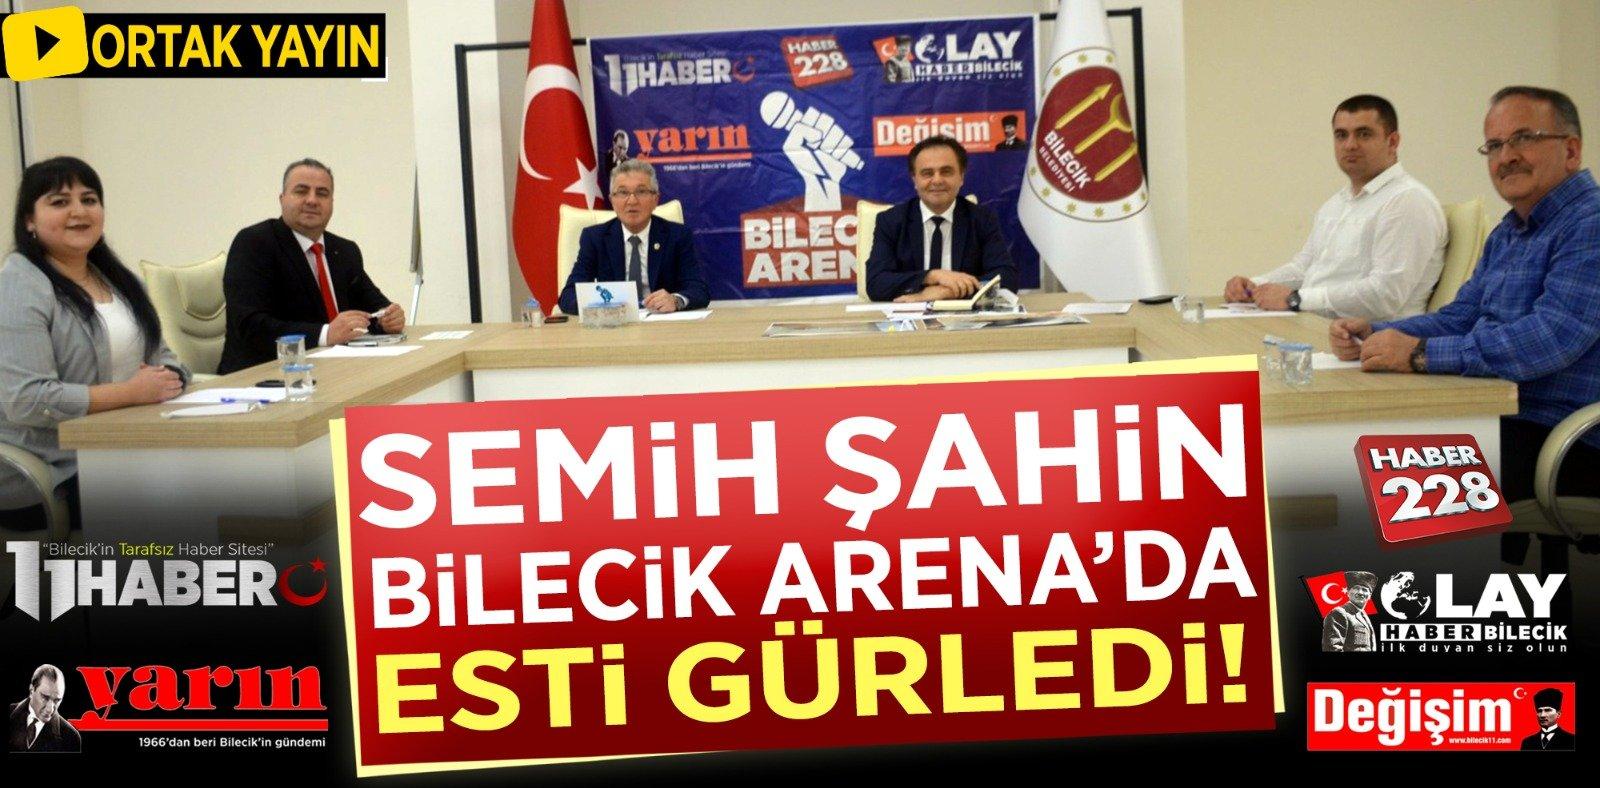 Semih Şahin Bilecik Arenada Esti Gürledi